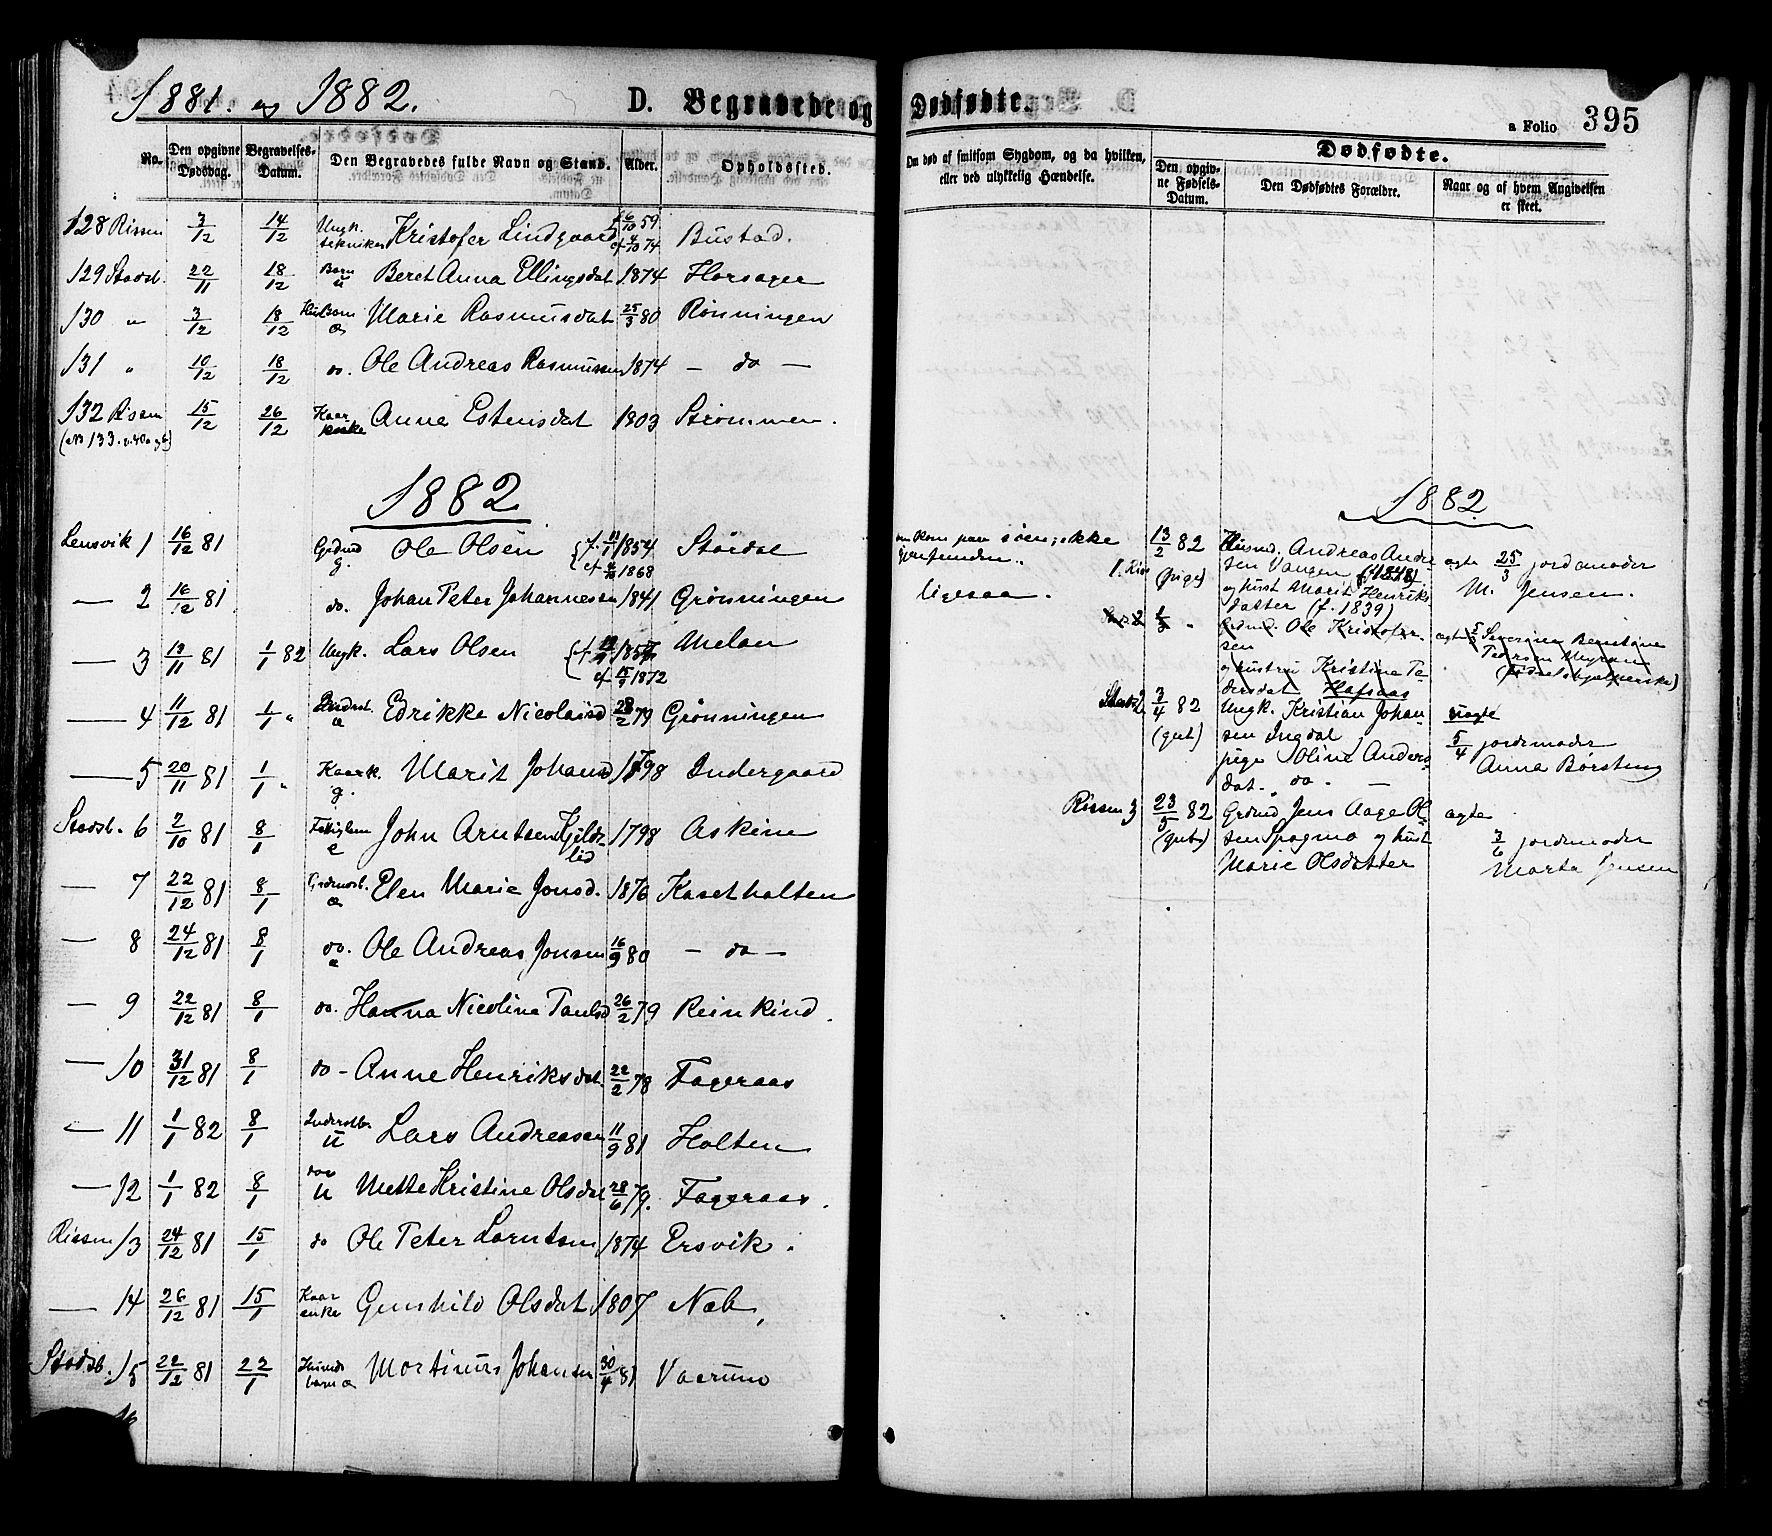 SAT, Ministerialprotokoller, klokkerbøker og fødselsregistre - Sør-Trøndelag, 646/L0613: Ministerialbok nr. 646A11, 1870-1884, s. 395